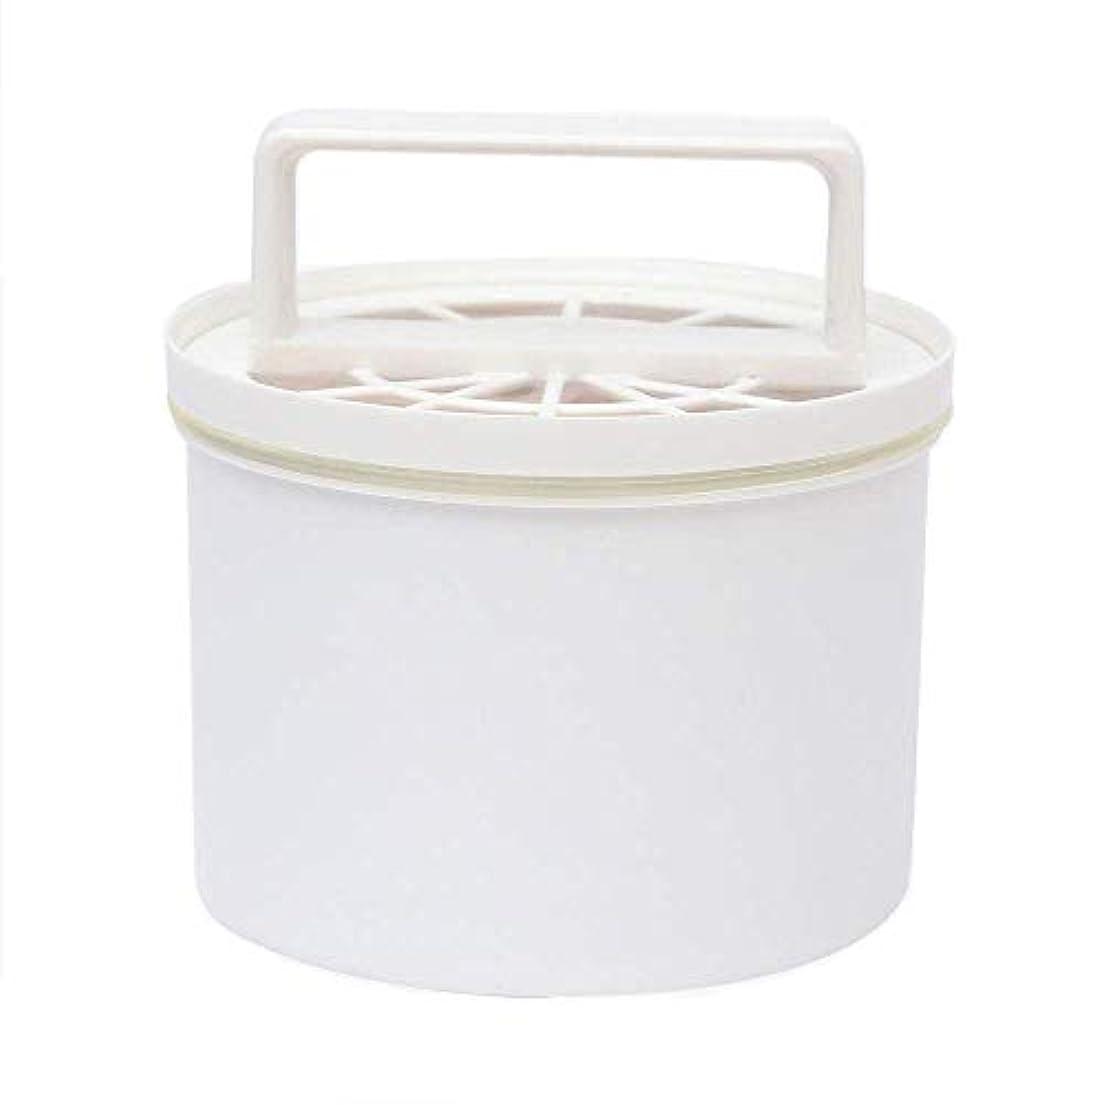 サンエイ化学 【ピュアメーカー】 卓上型精製水器 カートリッジ × 1 イオン交換樹脂 精製水